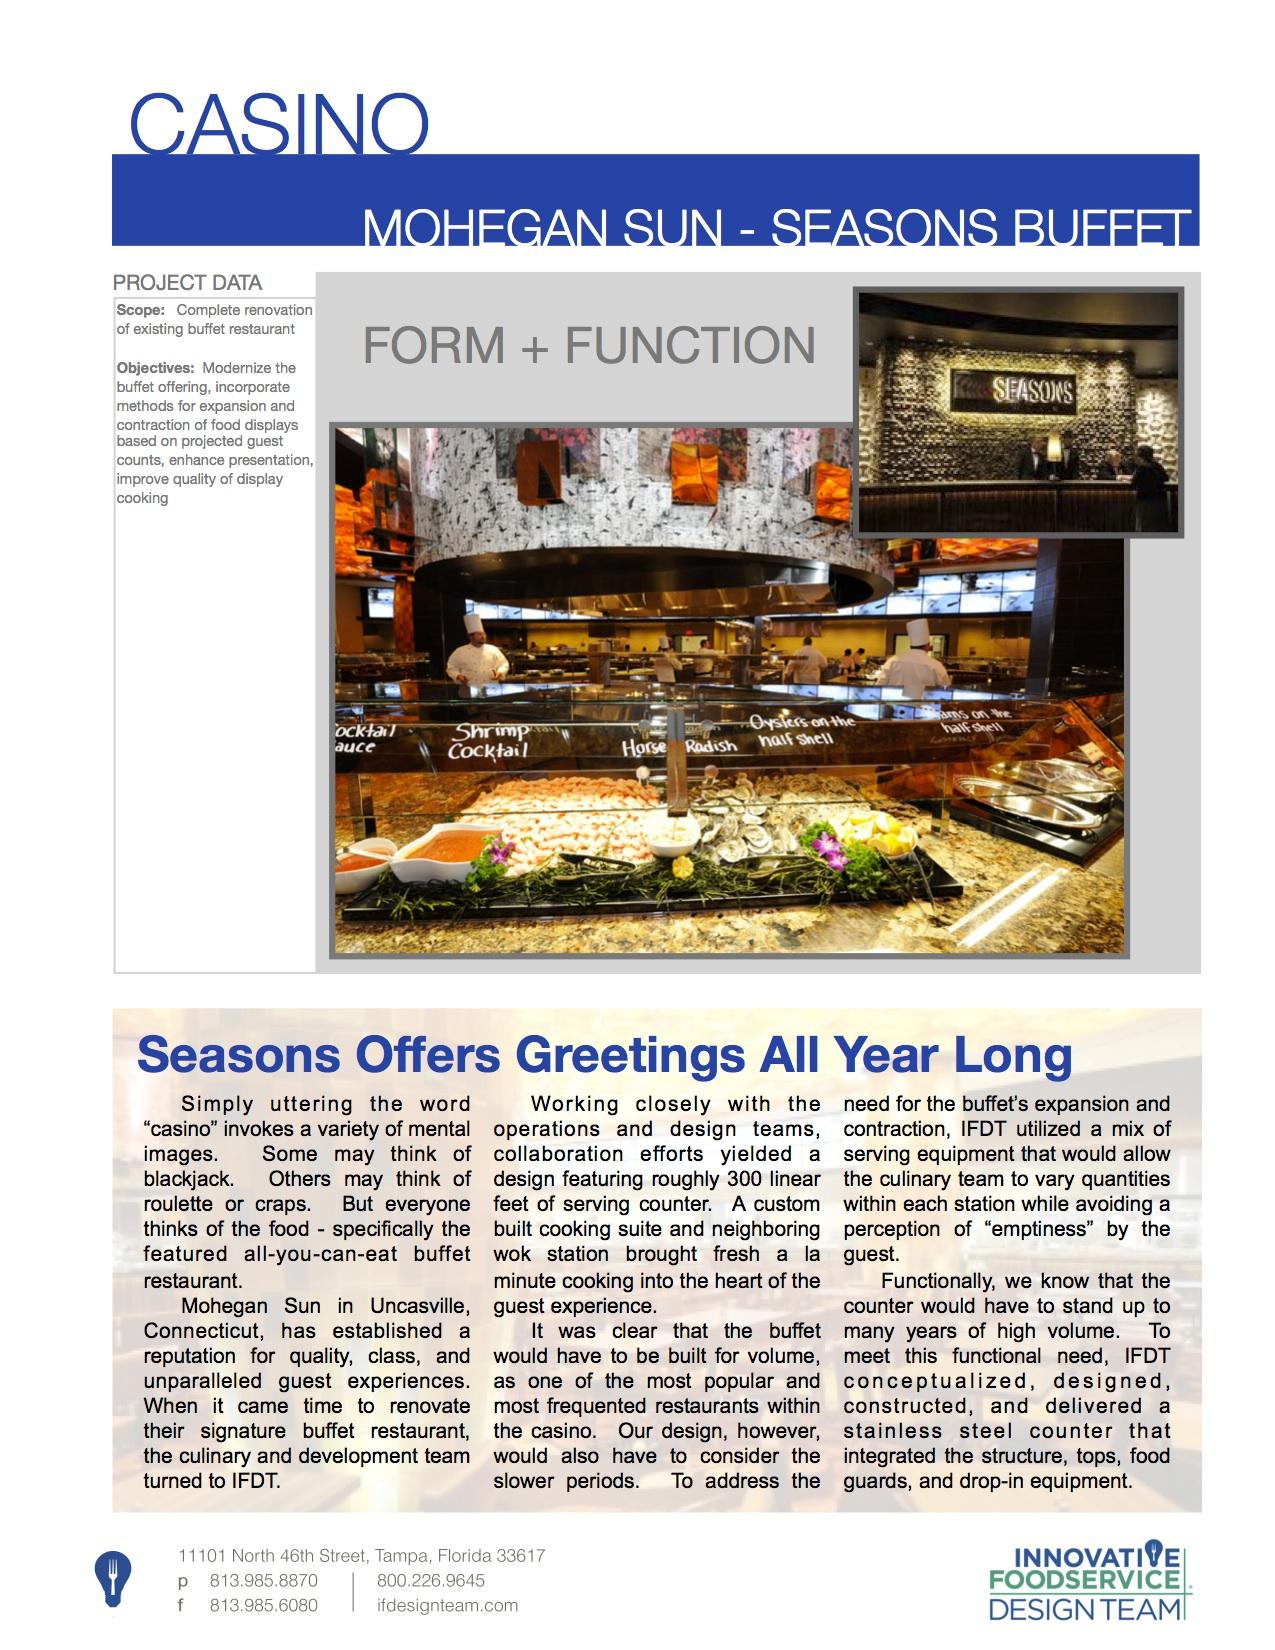 Mohegan Sun - Seasons Buffet.jpg